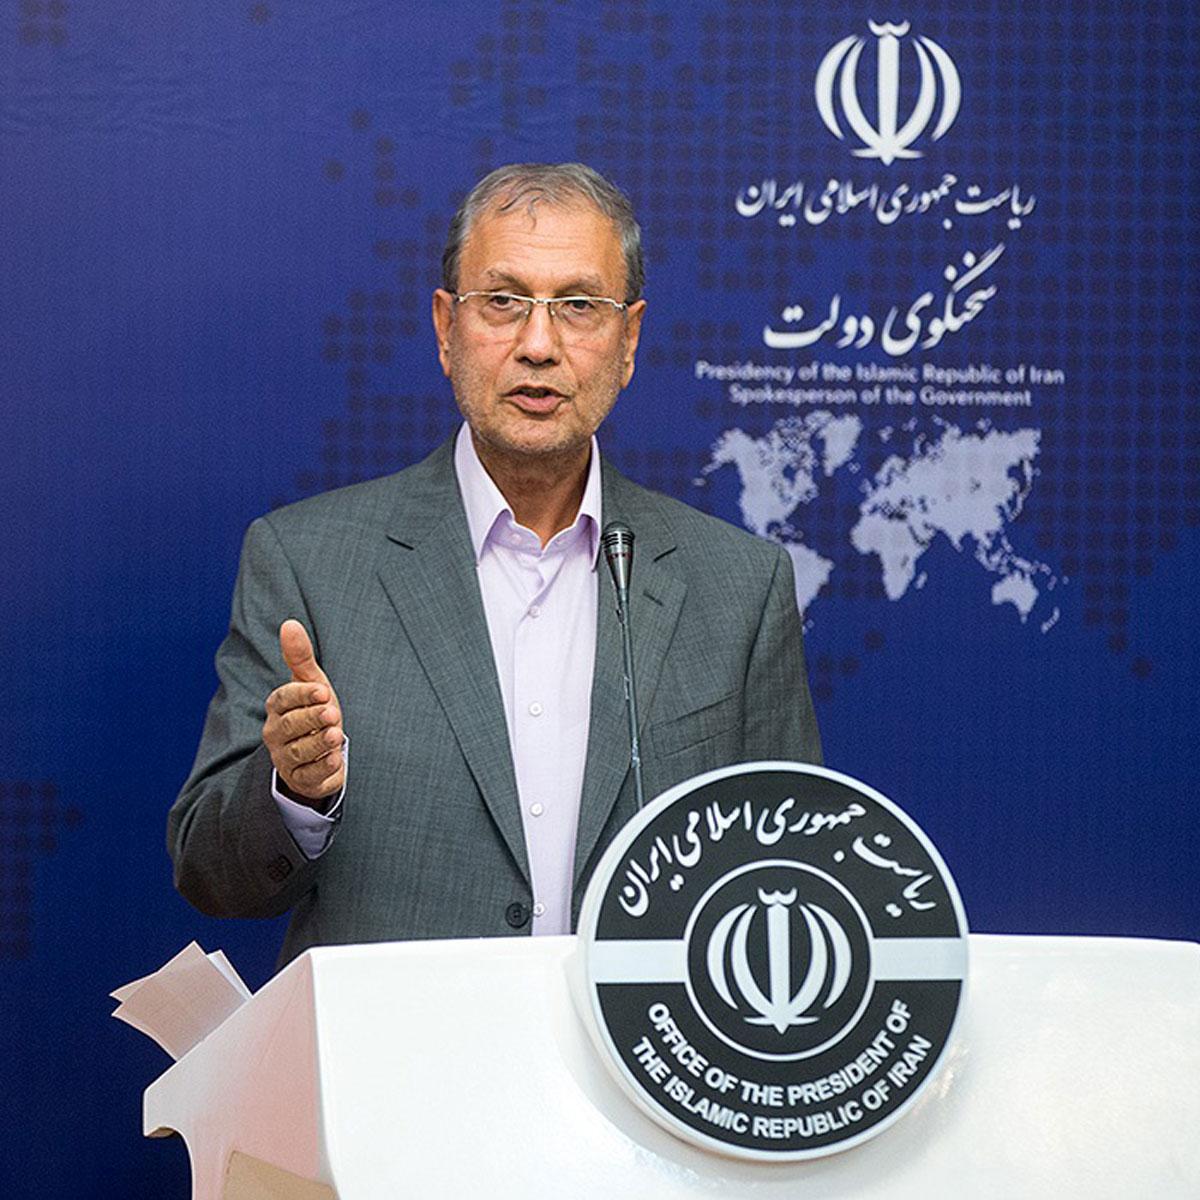 فروش نفت ایران به کسی ارتباط ندارد